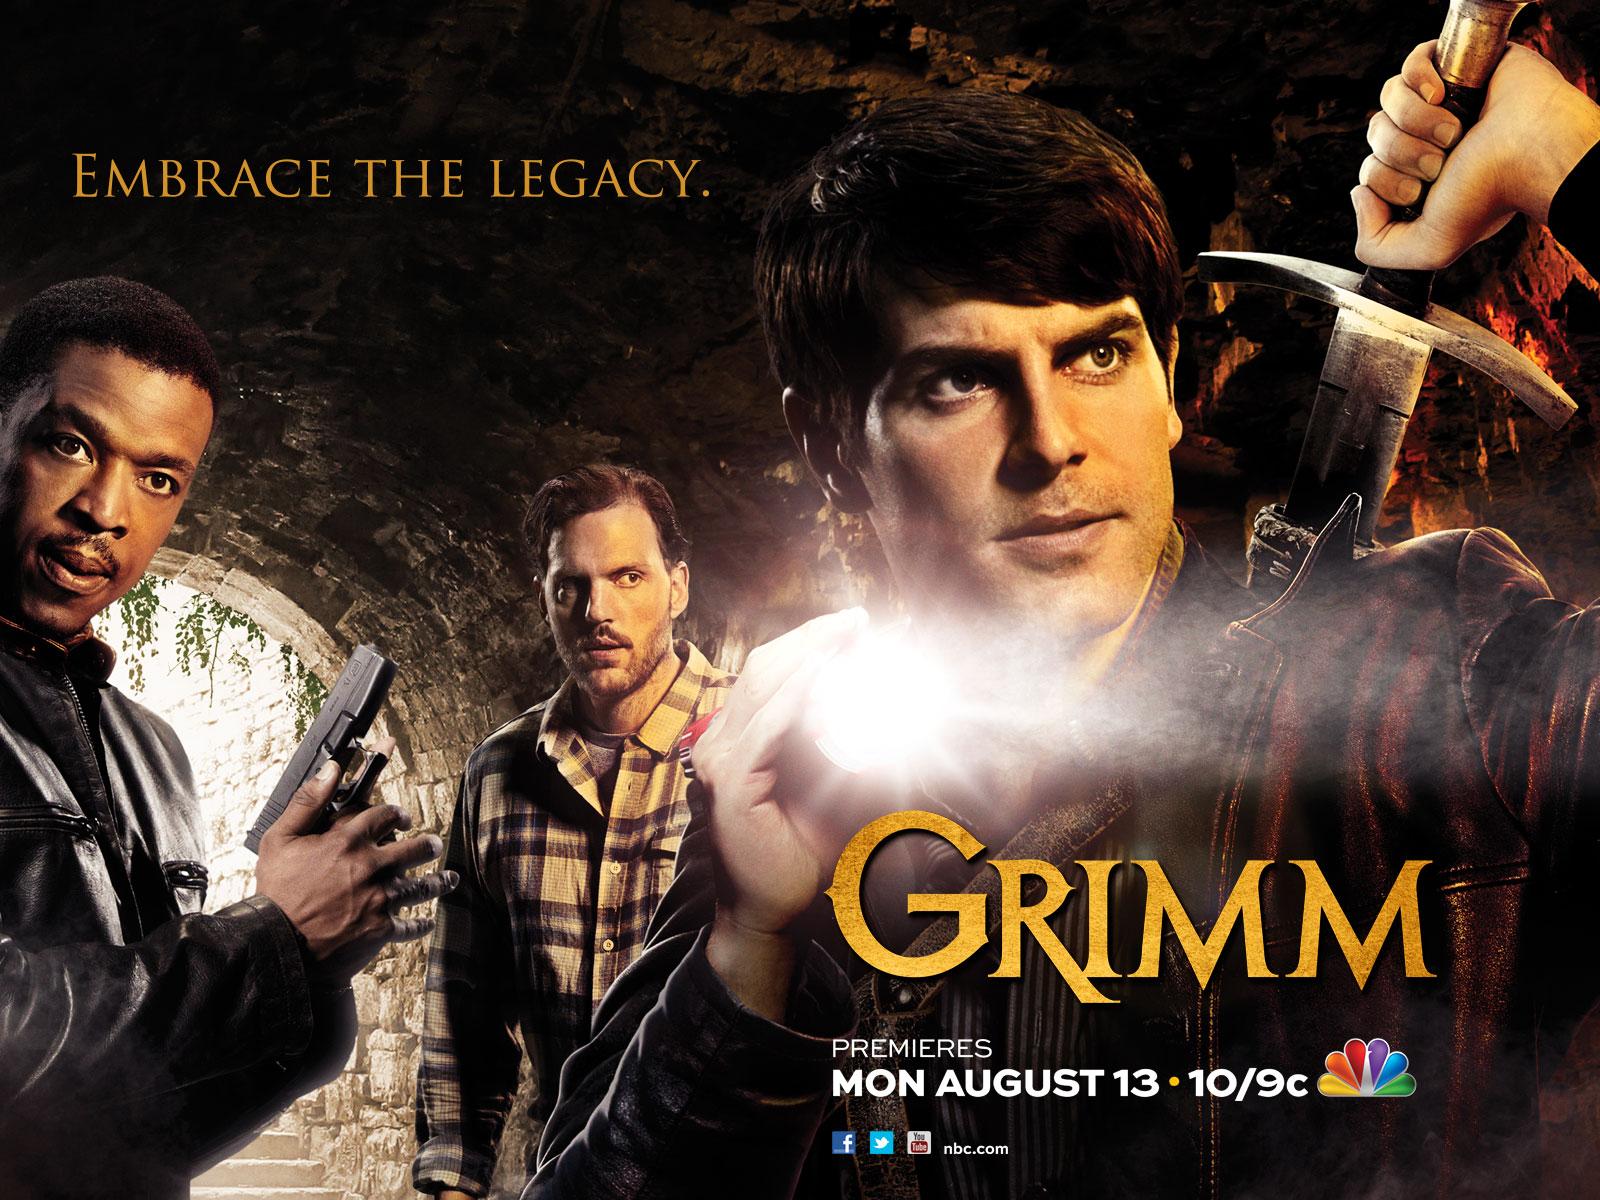 https://i1.wp.com/images6.fanpop.com/image/photos/32700000/Grimm-grimm-32706979-1600-1200.jpg